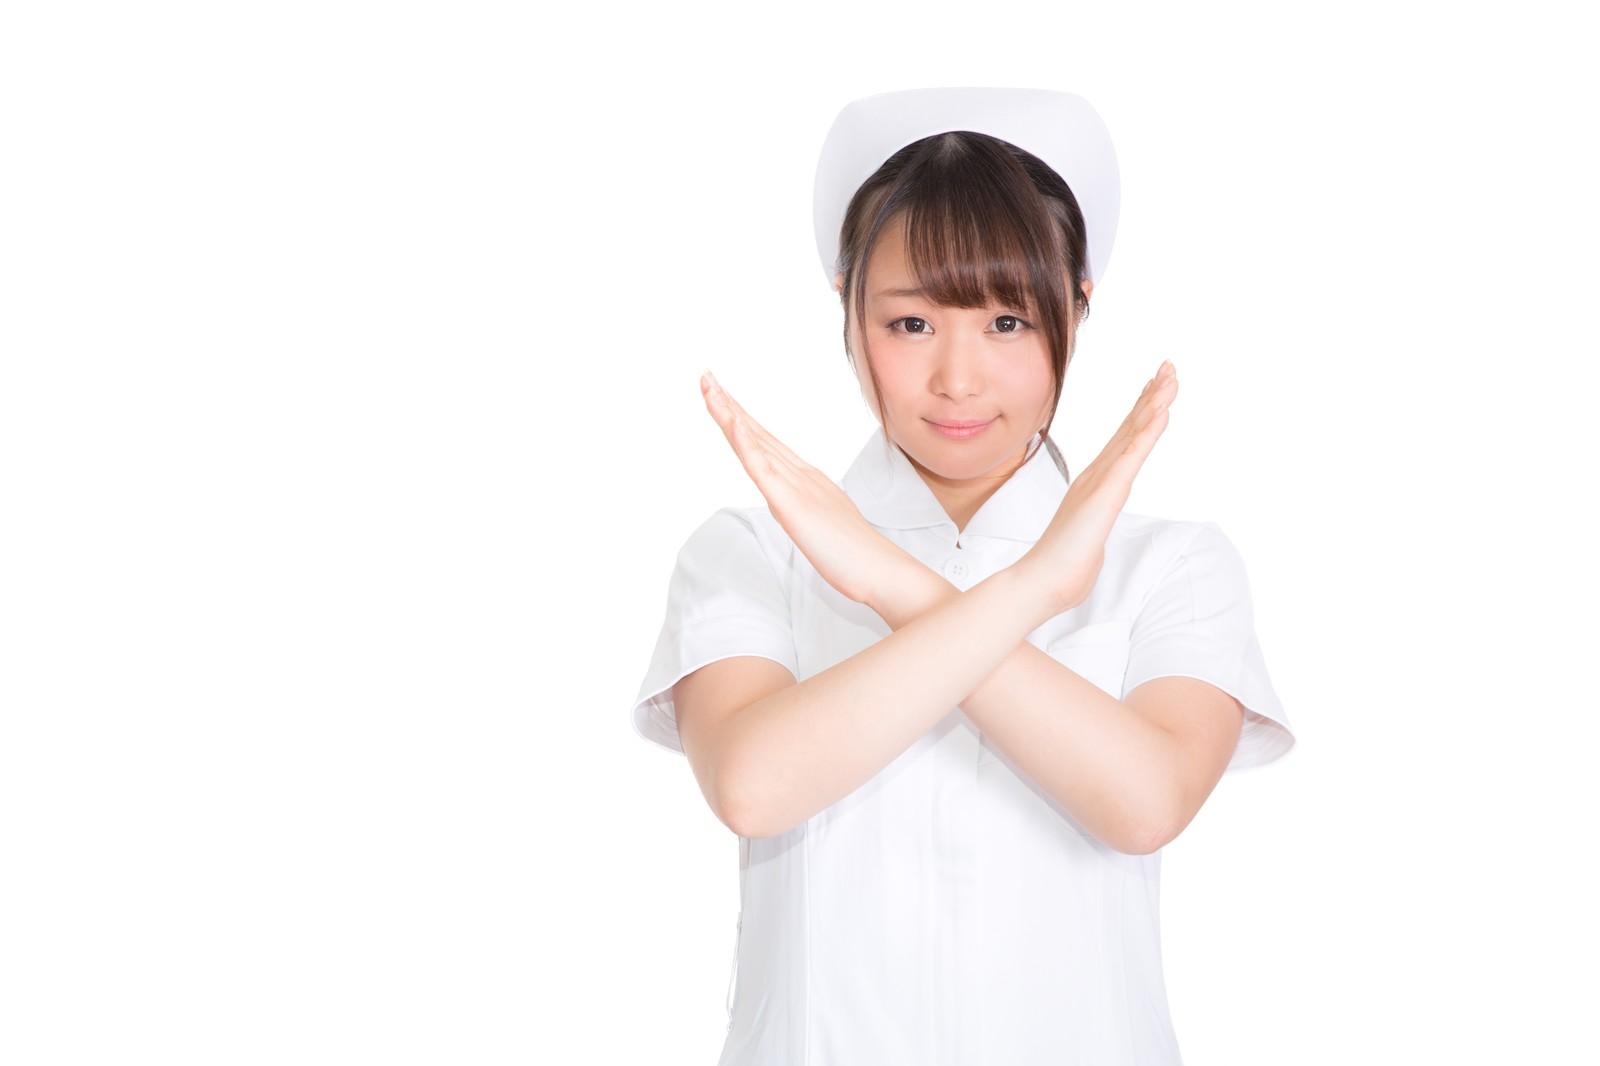 蜂窩織炎(蜂巣炎)になったときに個人で実践できる有効な2つの対処法